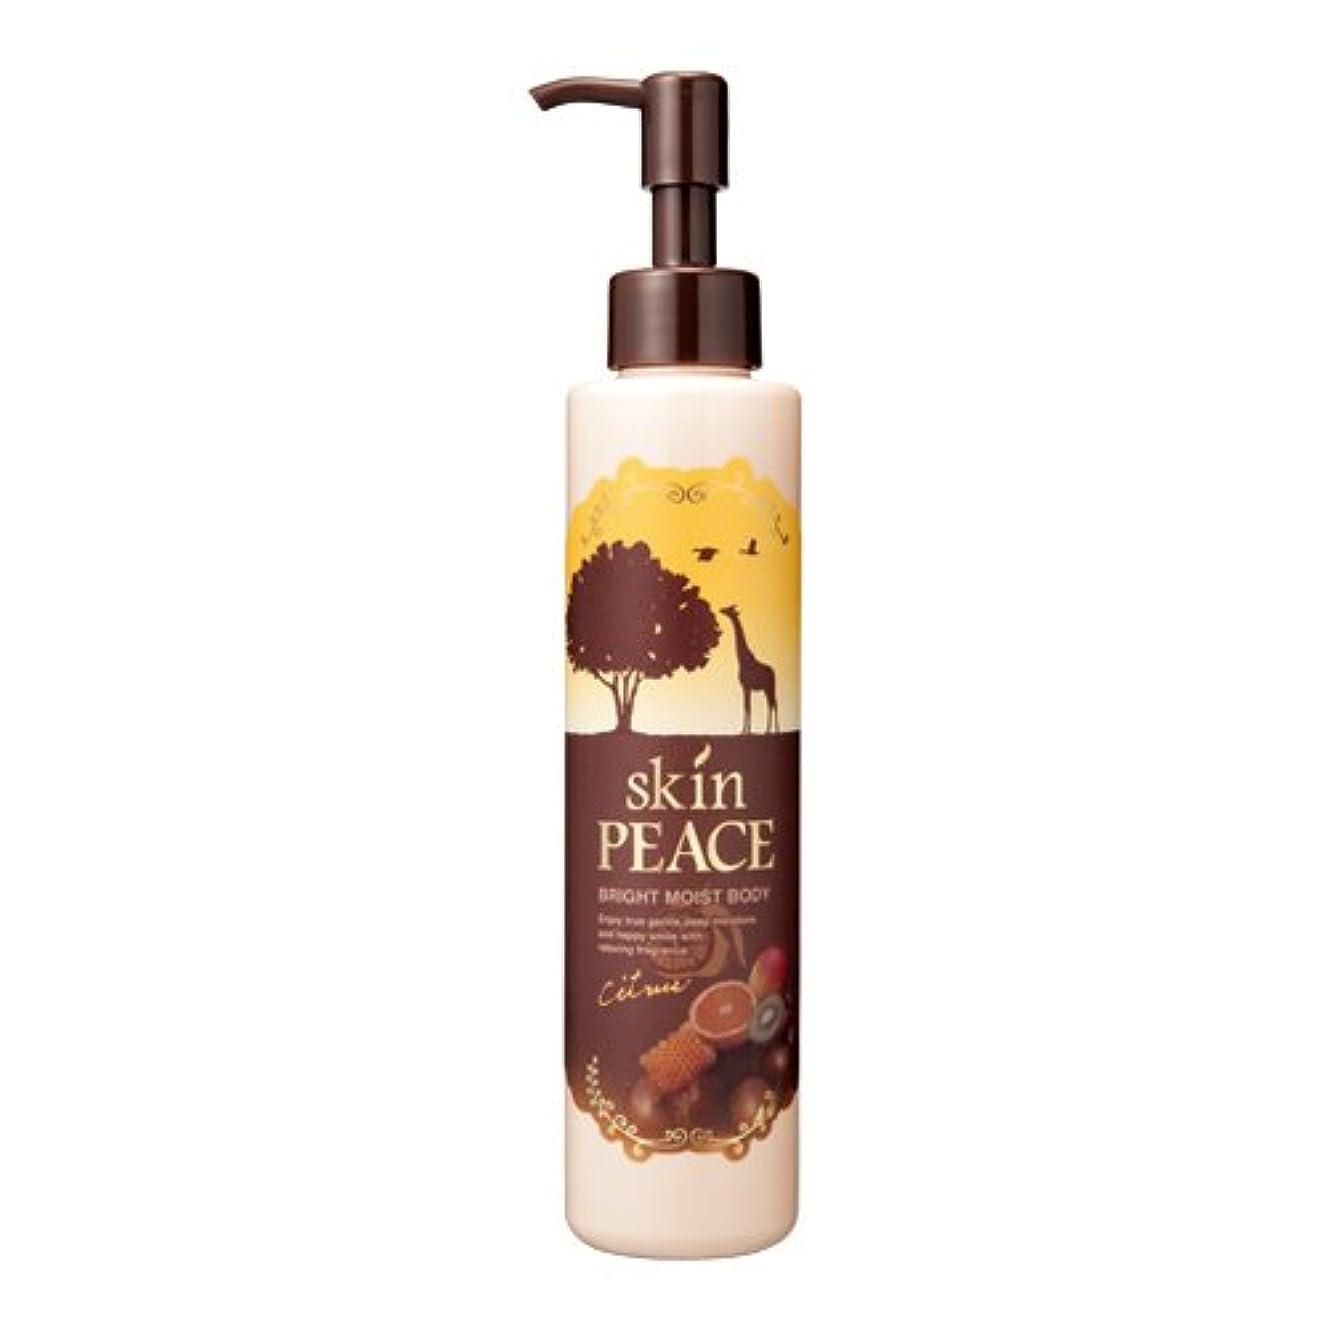 規則性早熟居心地の良いグラフィコ skinPEACE(スキンピース) ブライトモイストボディ ハッピーシトラスの香り 180g